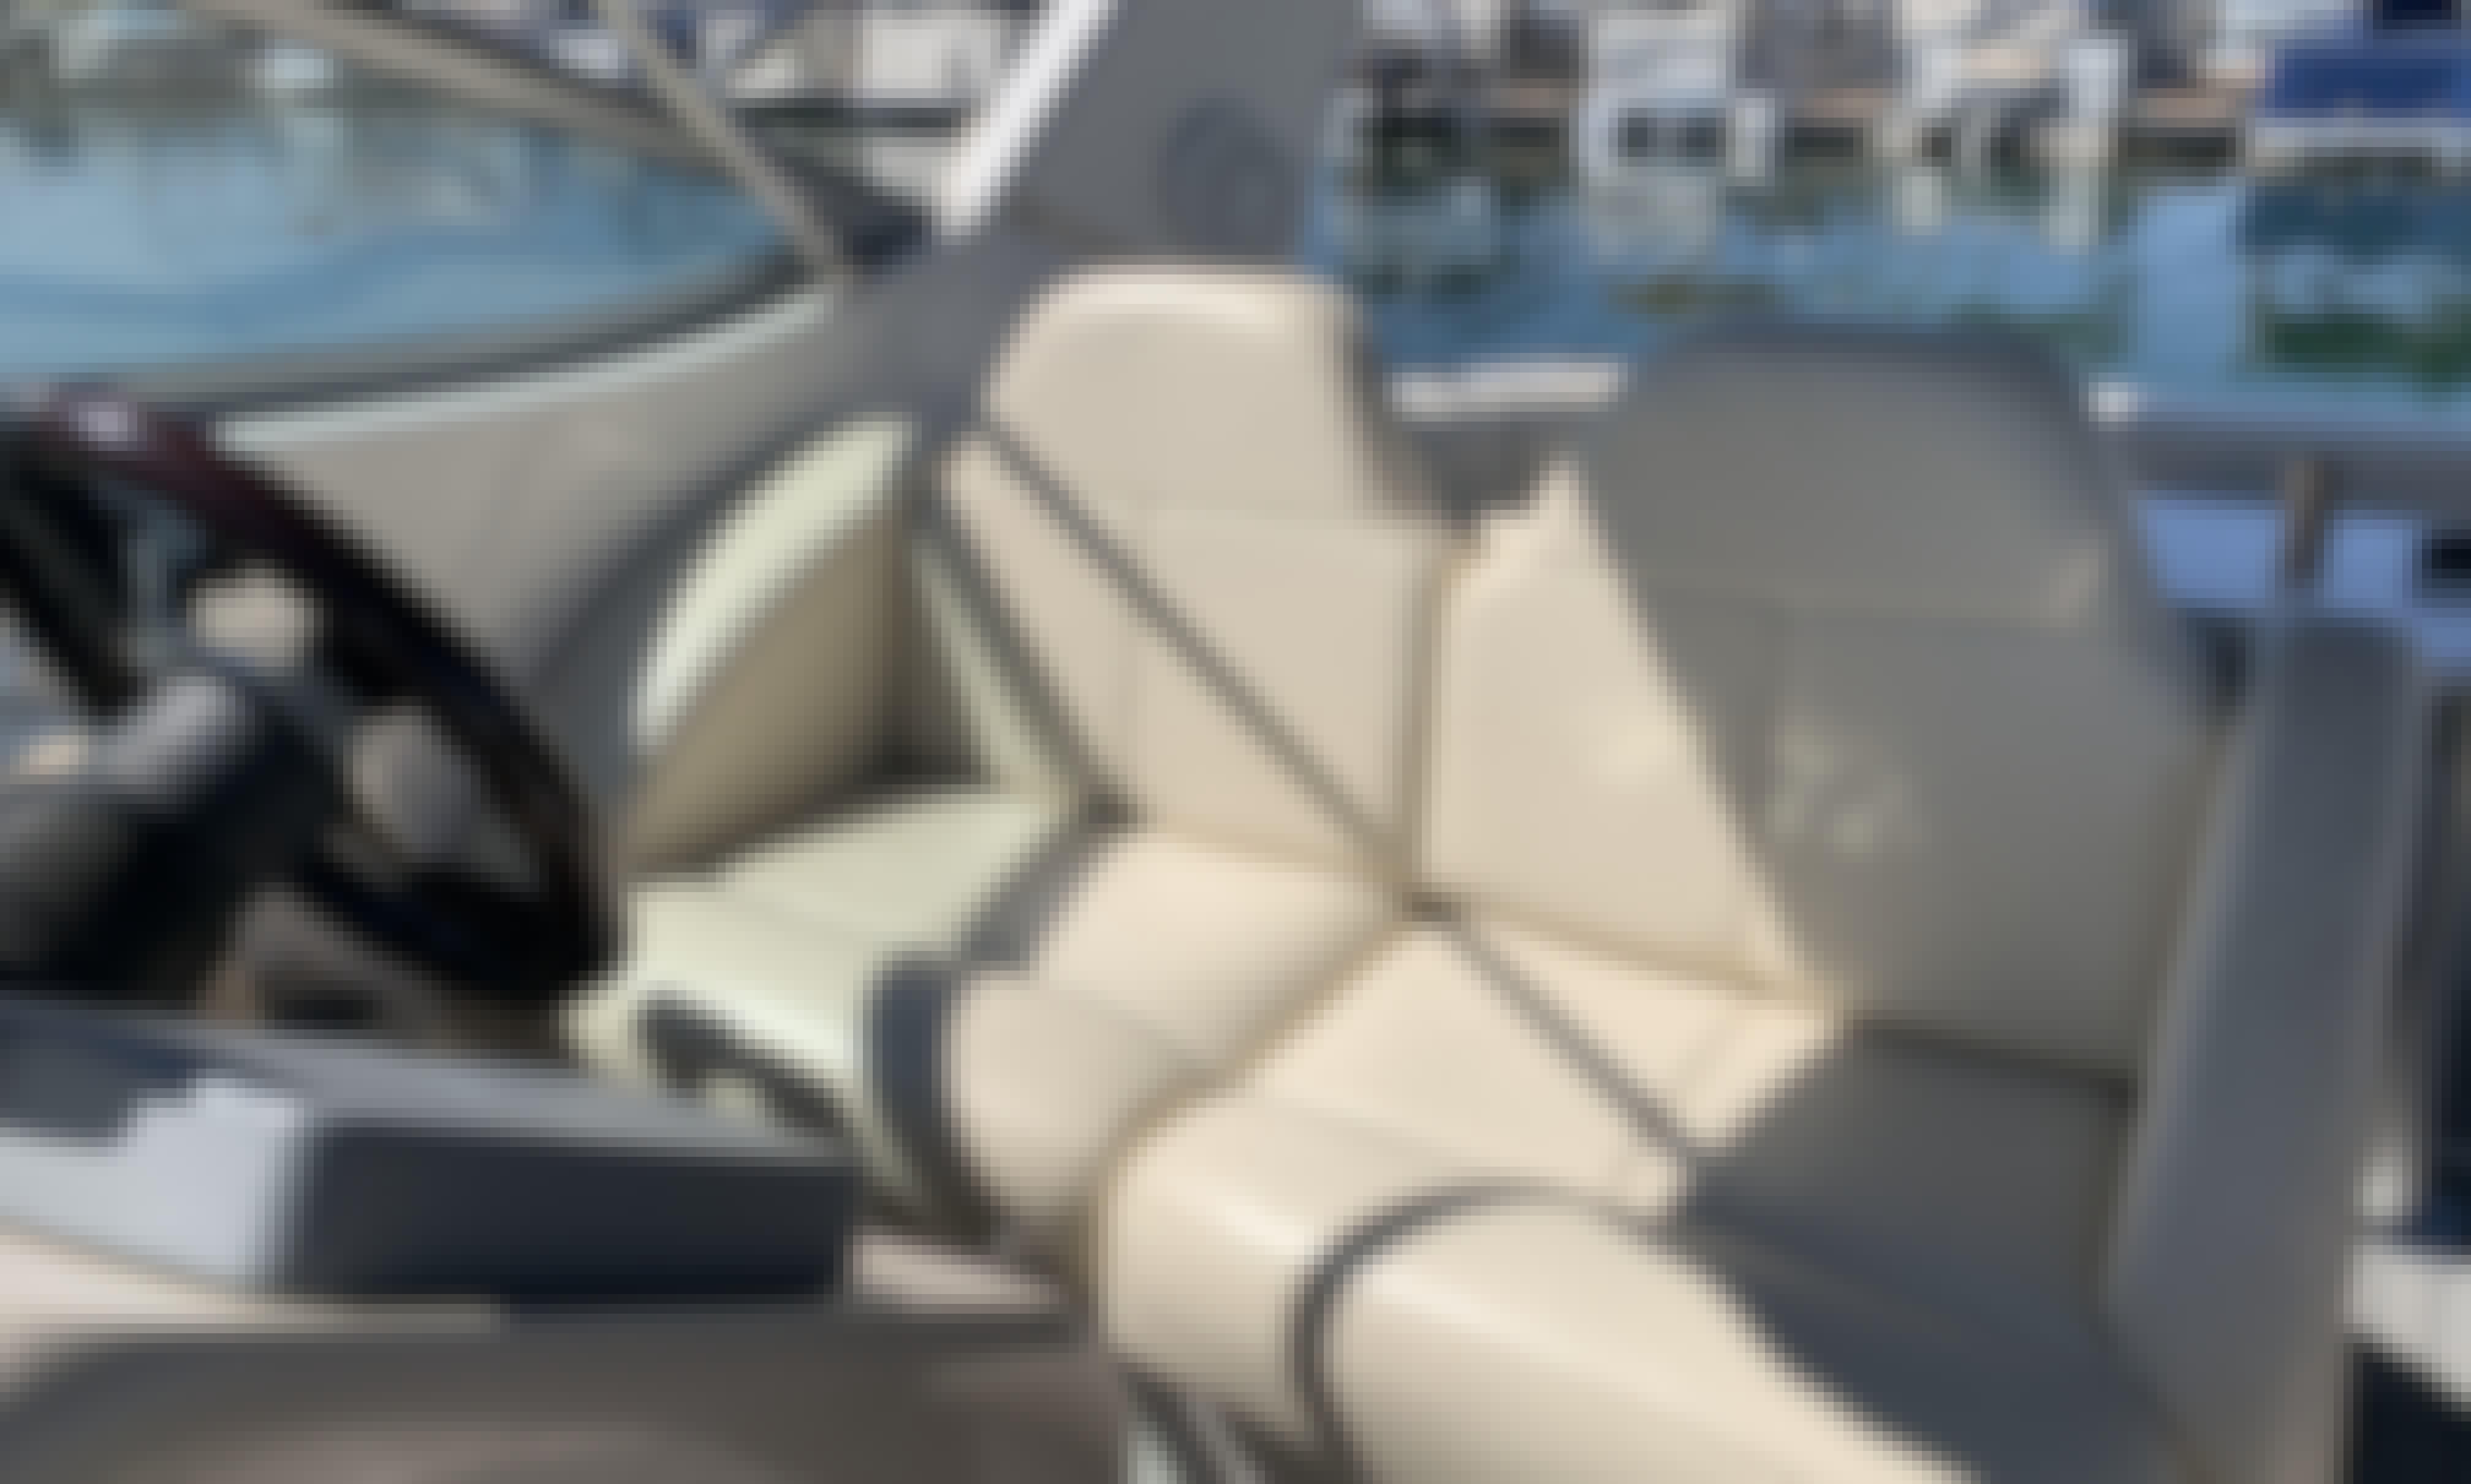 Charter the 30' Chaparral Cruiser in Lake Havasu City, Arizona